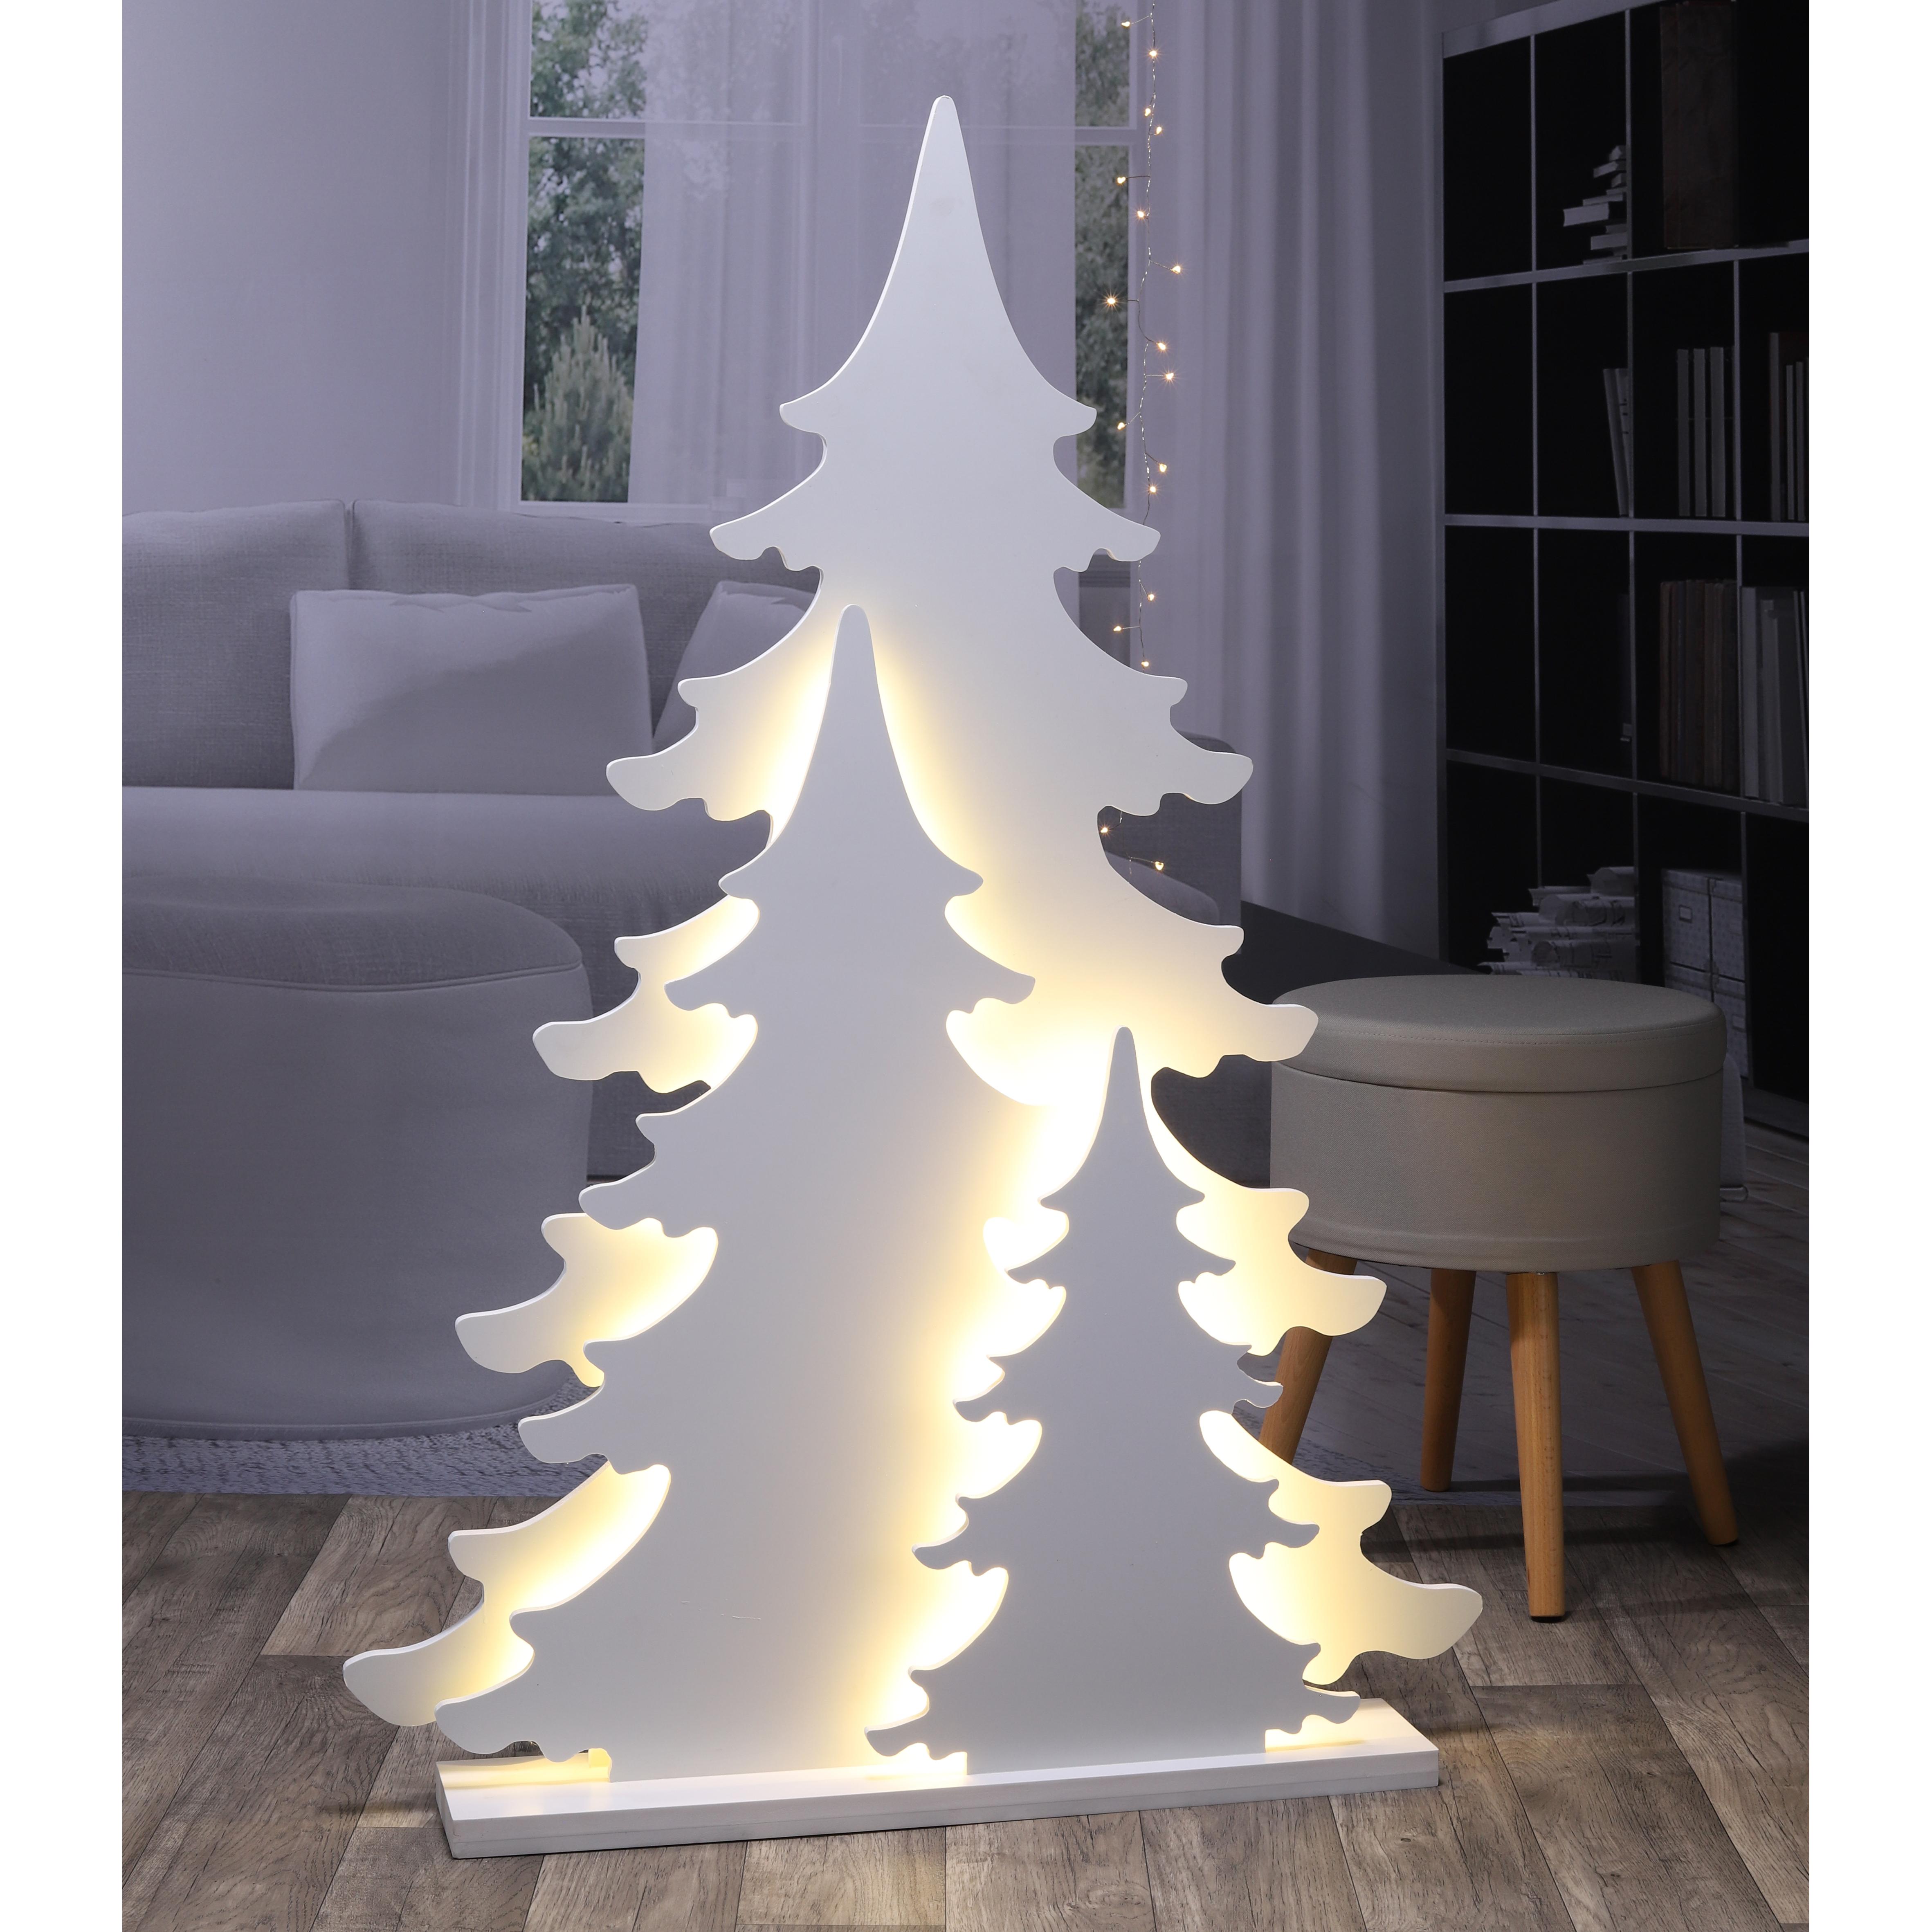 weihnachtsbaum weihnacahtsdeko silhouette tannen110cm aus. Black Bedroom Furniture Sets. Home Design Ideas